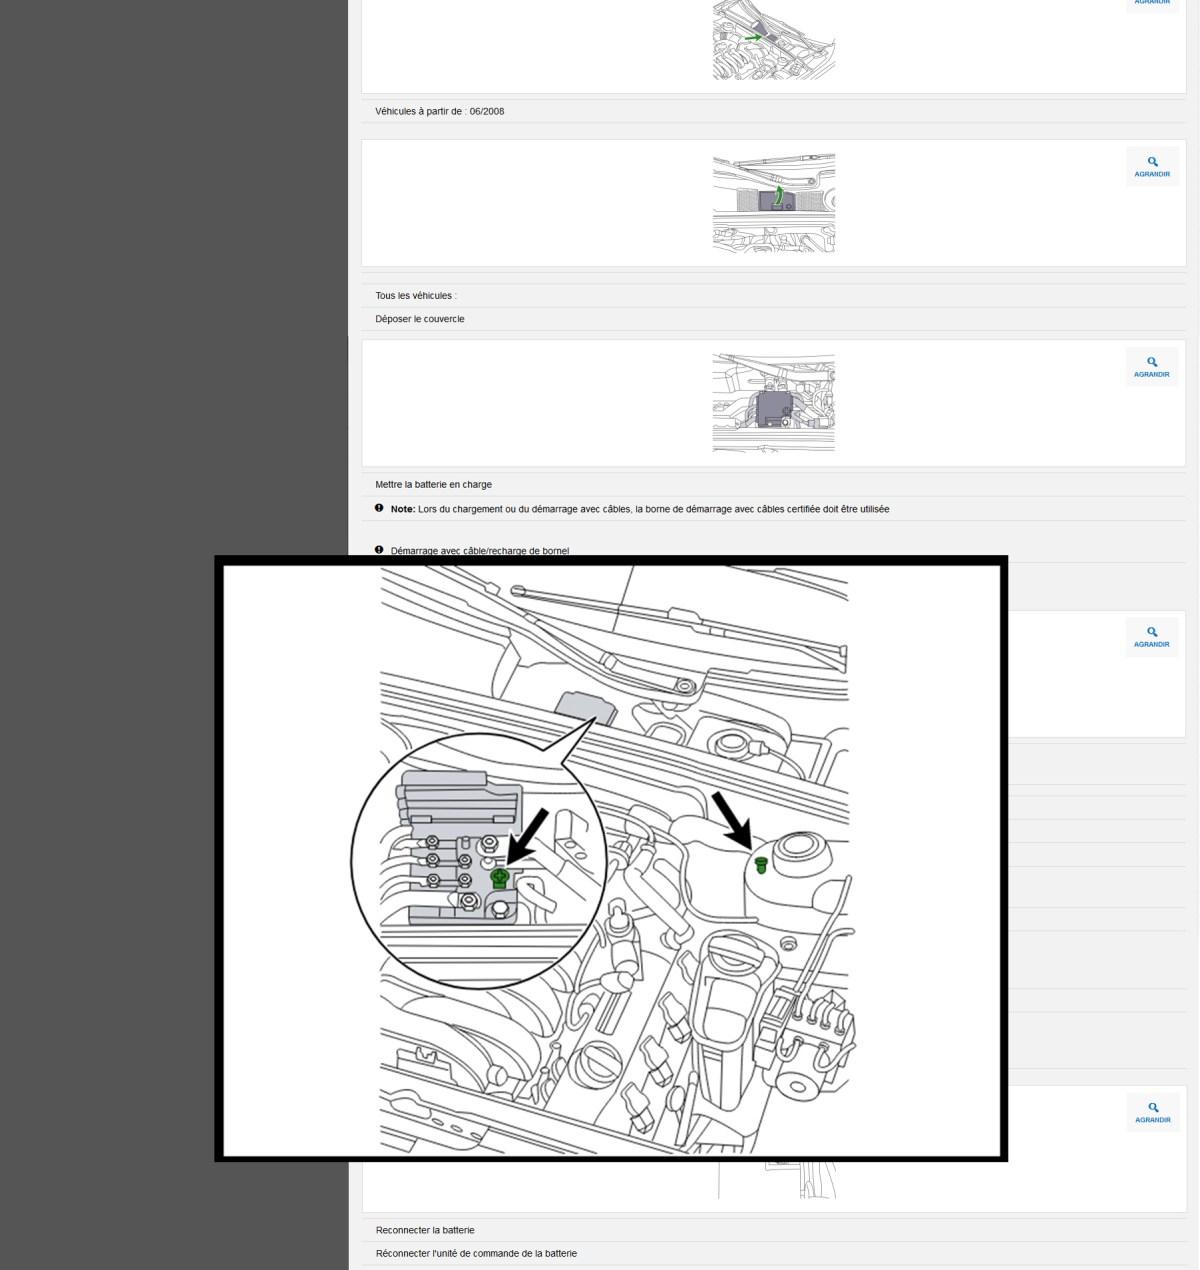 Image screenshot procedures